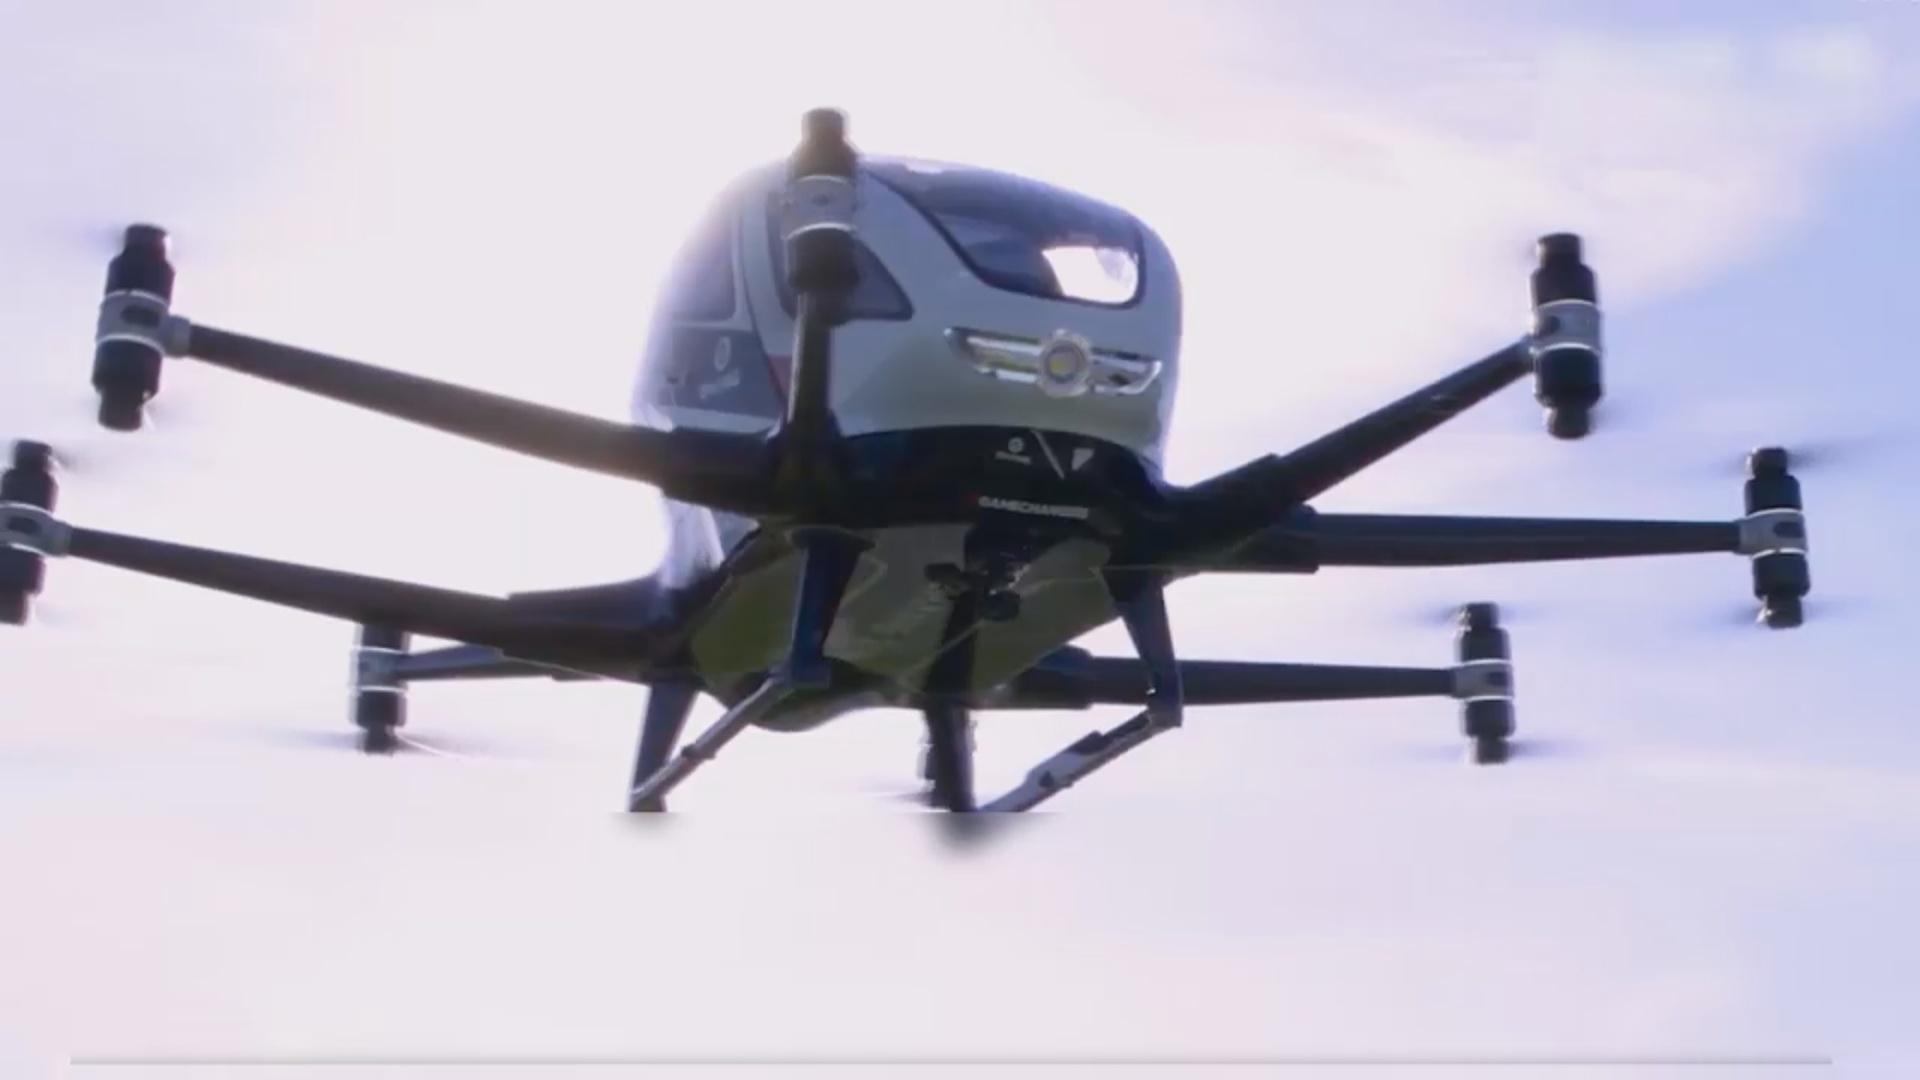 Sərnişin daşıyan dron istehsalına başlandı